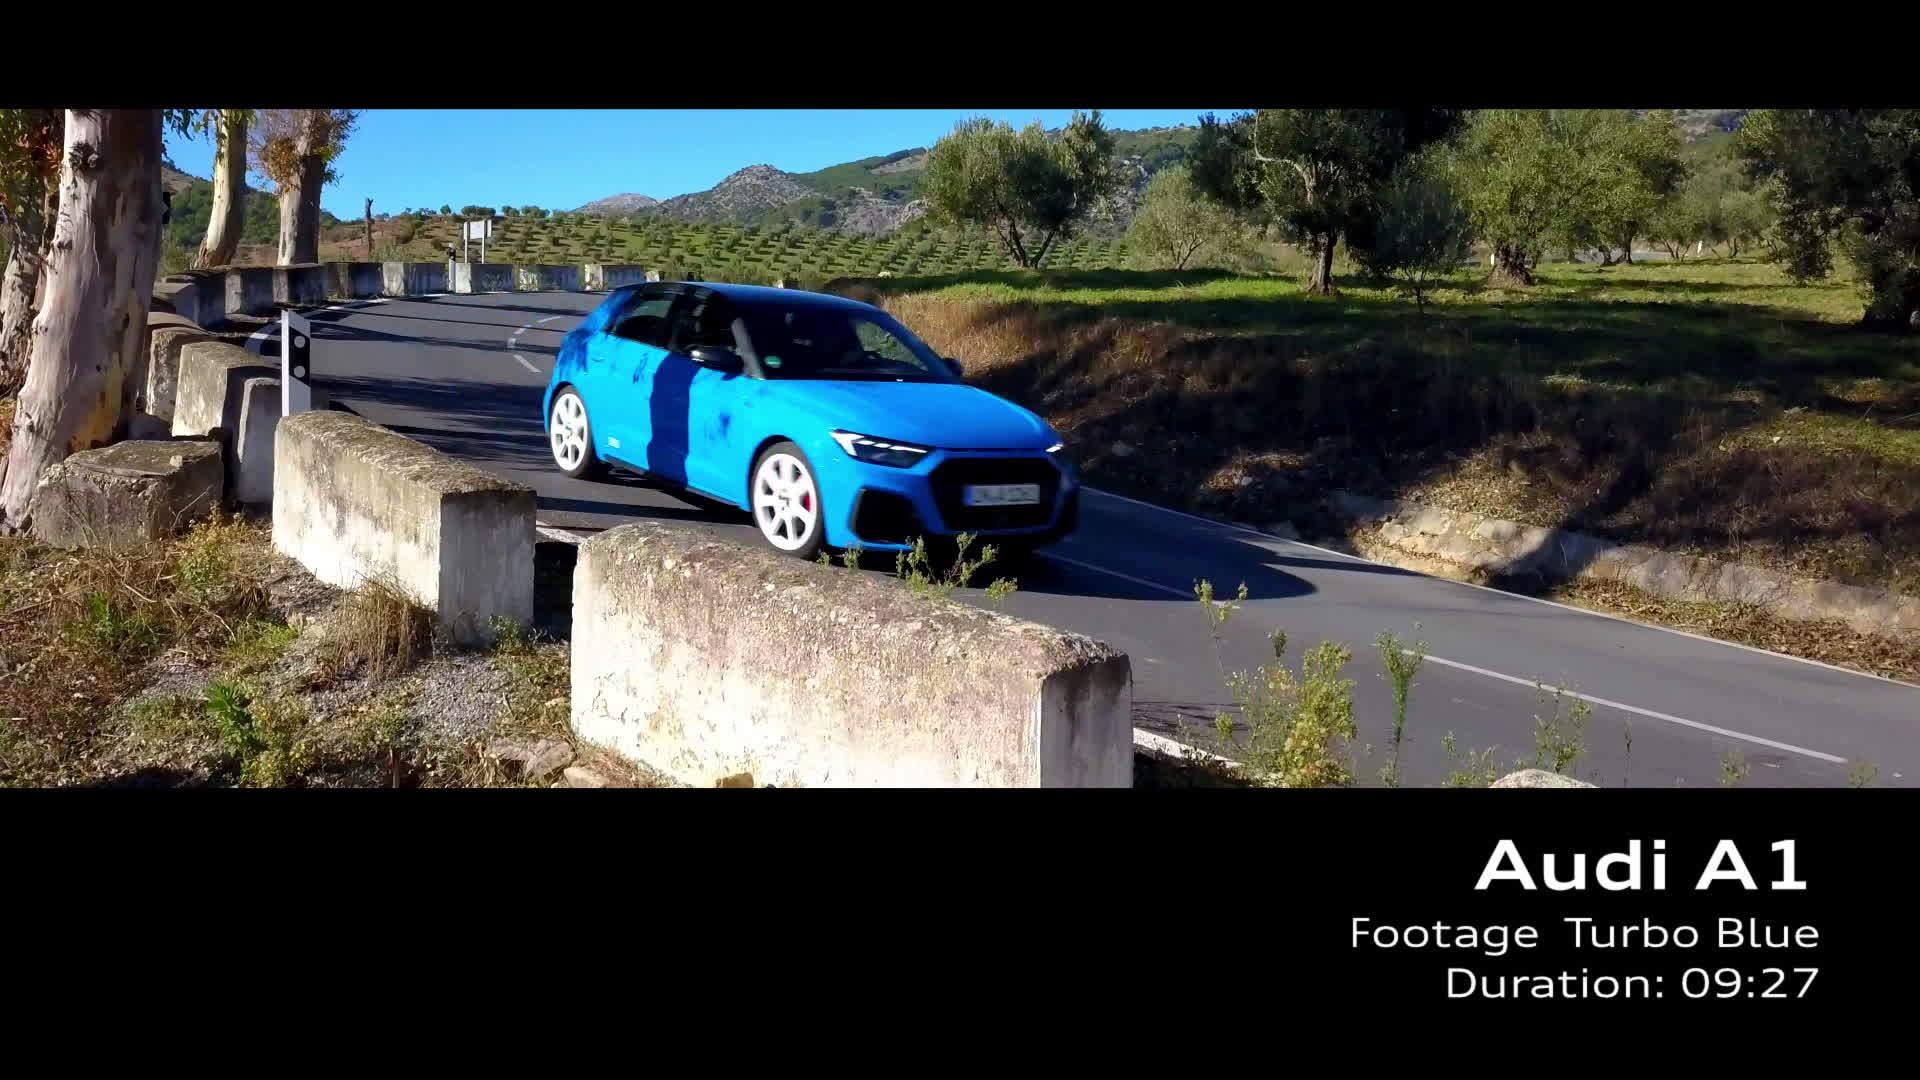 Audi A1 Footage Turboblau (2018)